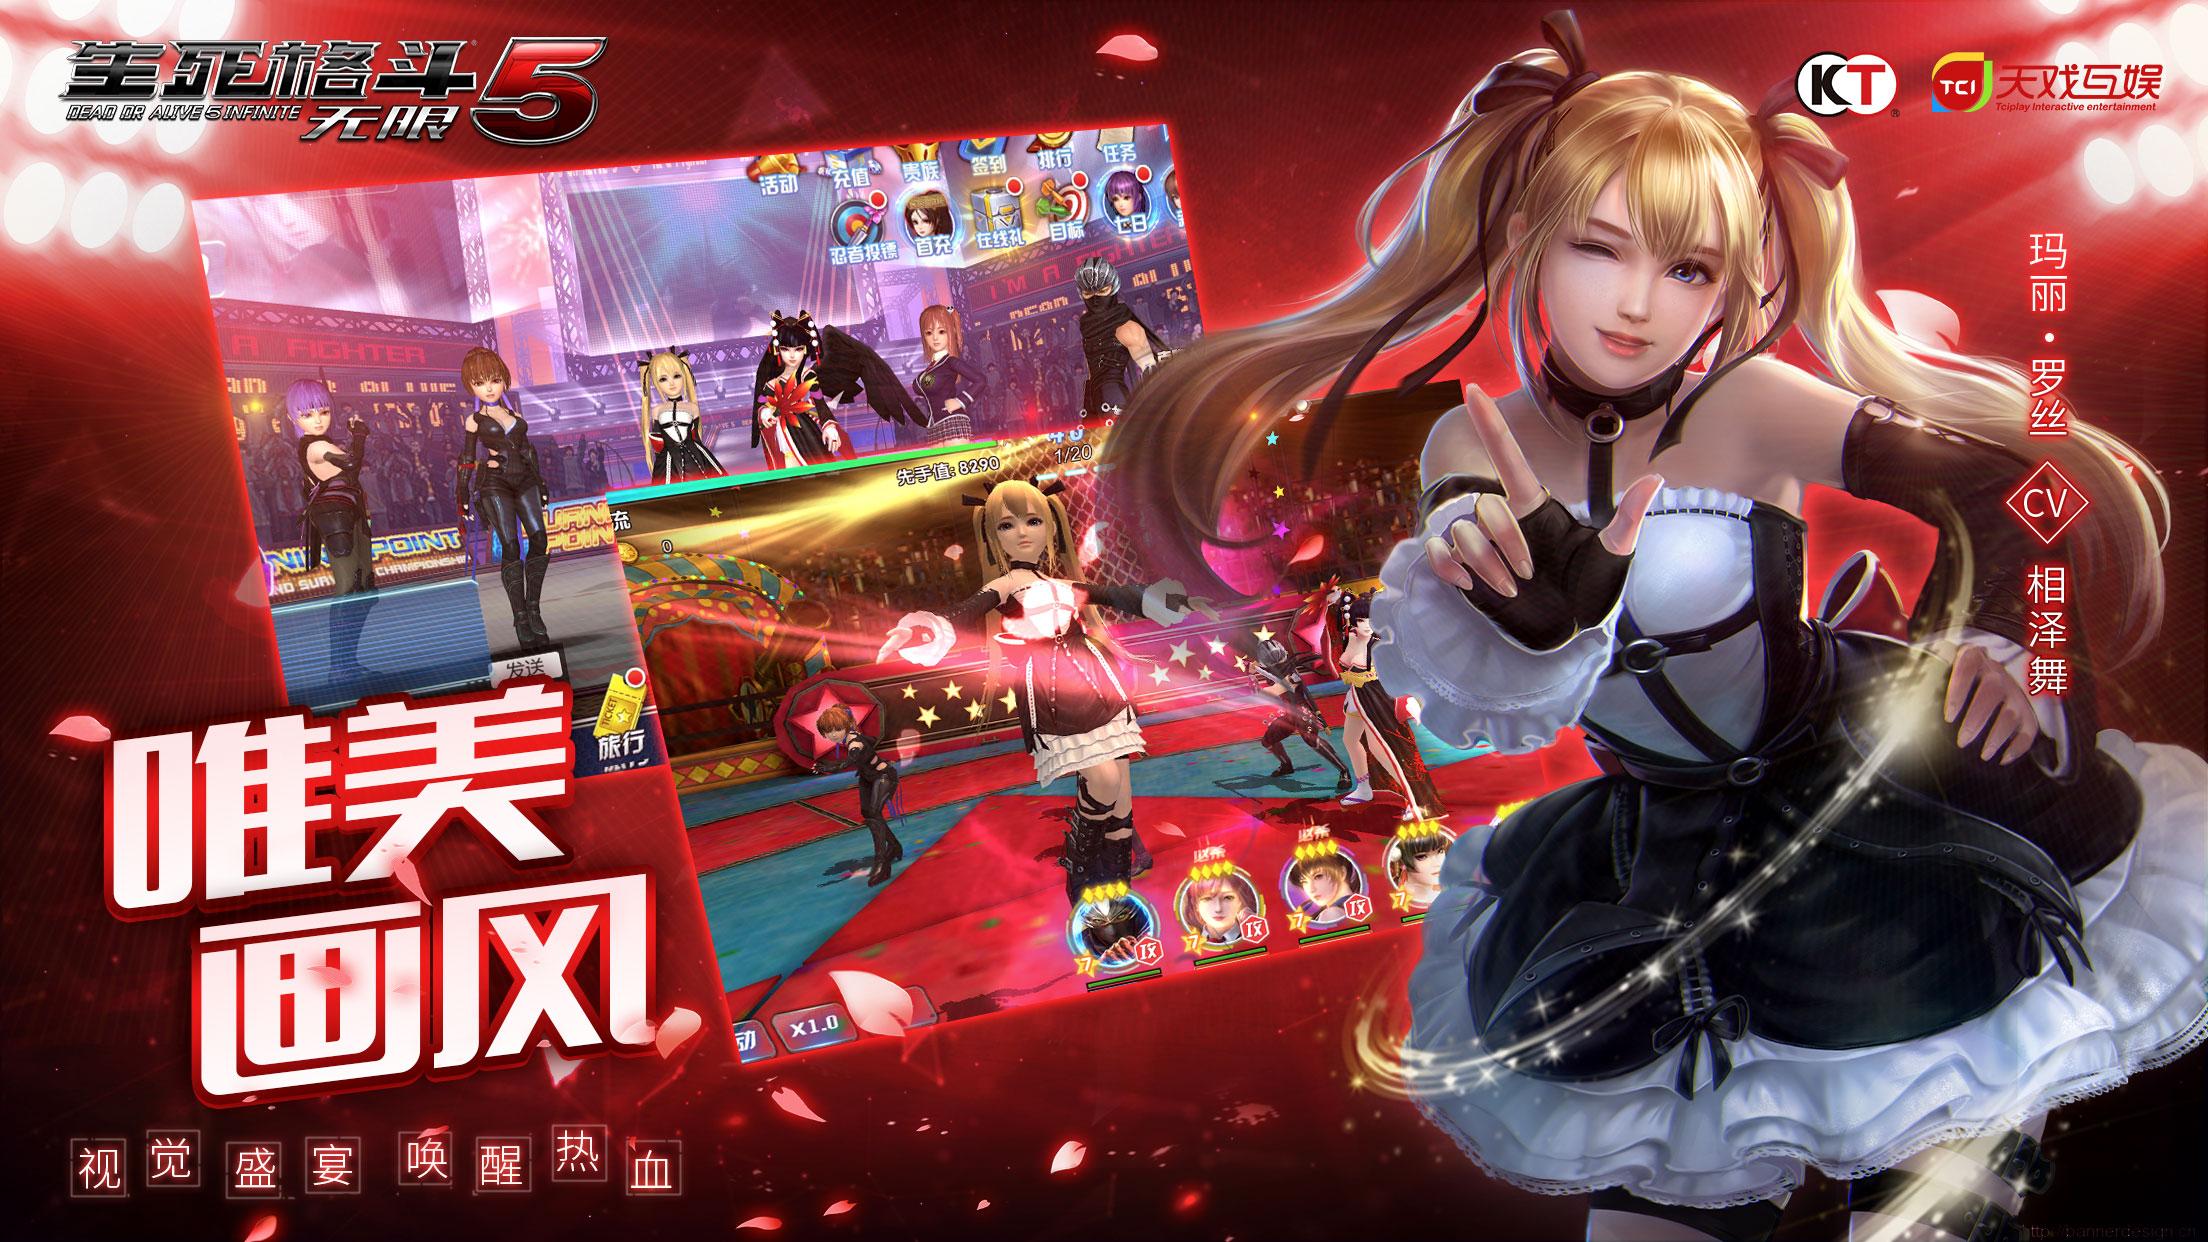 乳摇大作推出手游版,《生死格斗5无限》引IP粉丝集体打CALL